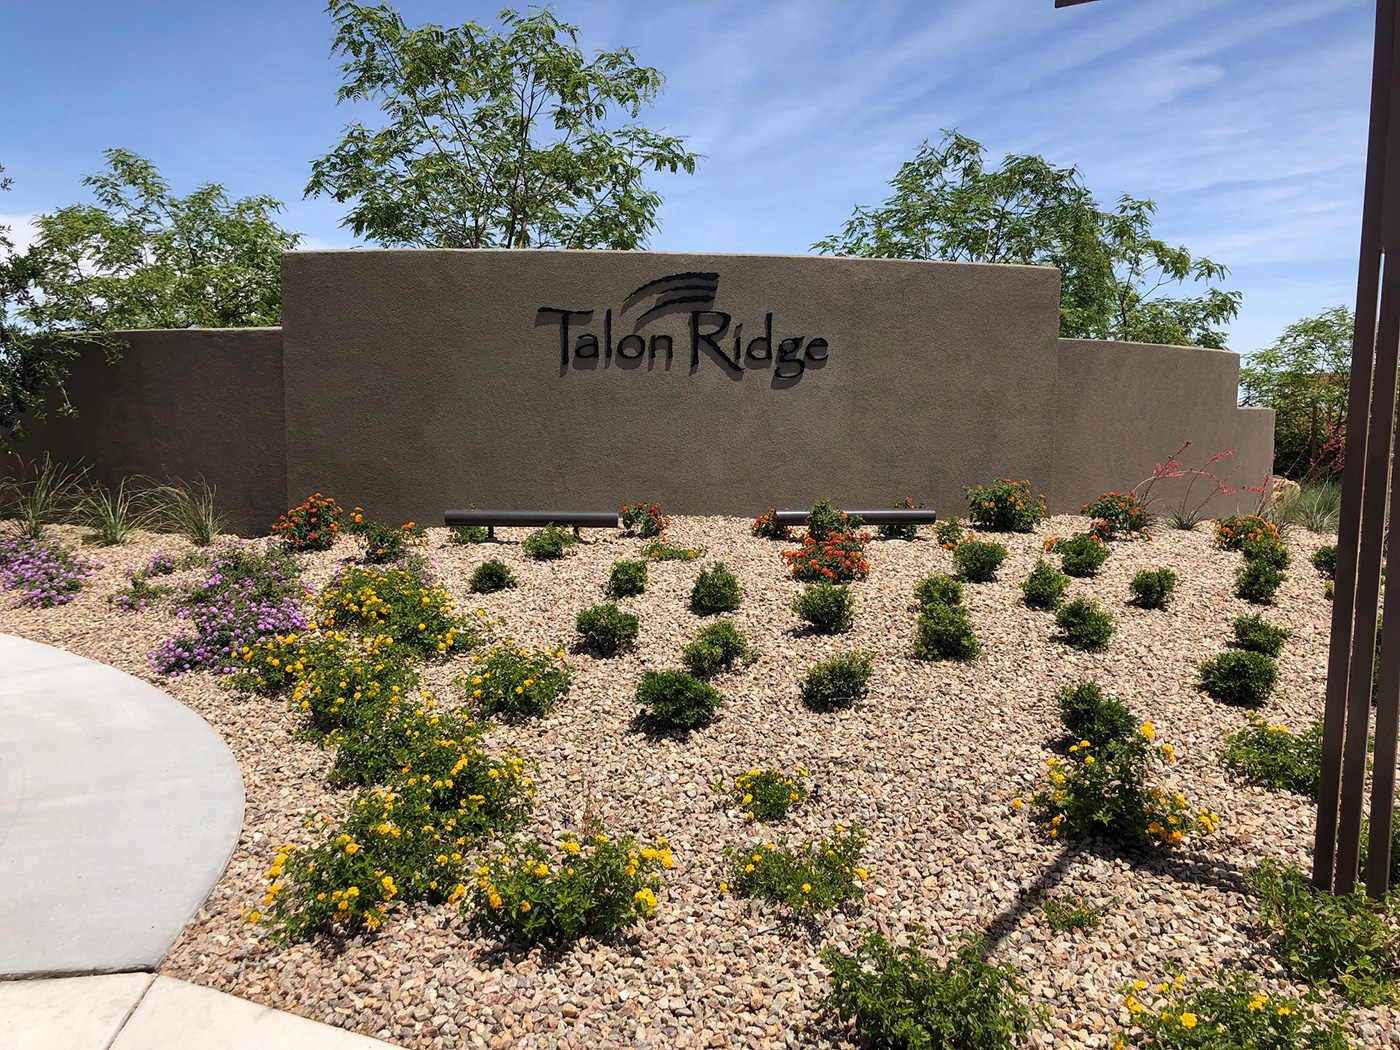 Talon Ridge at The Ridges